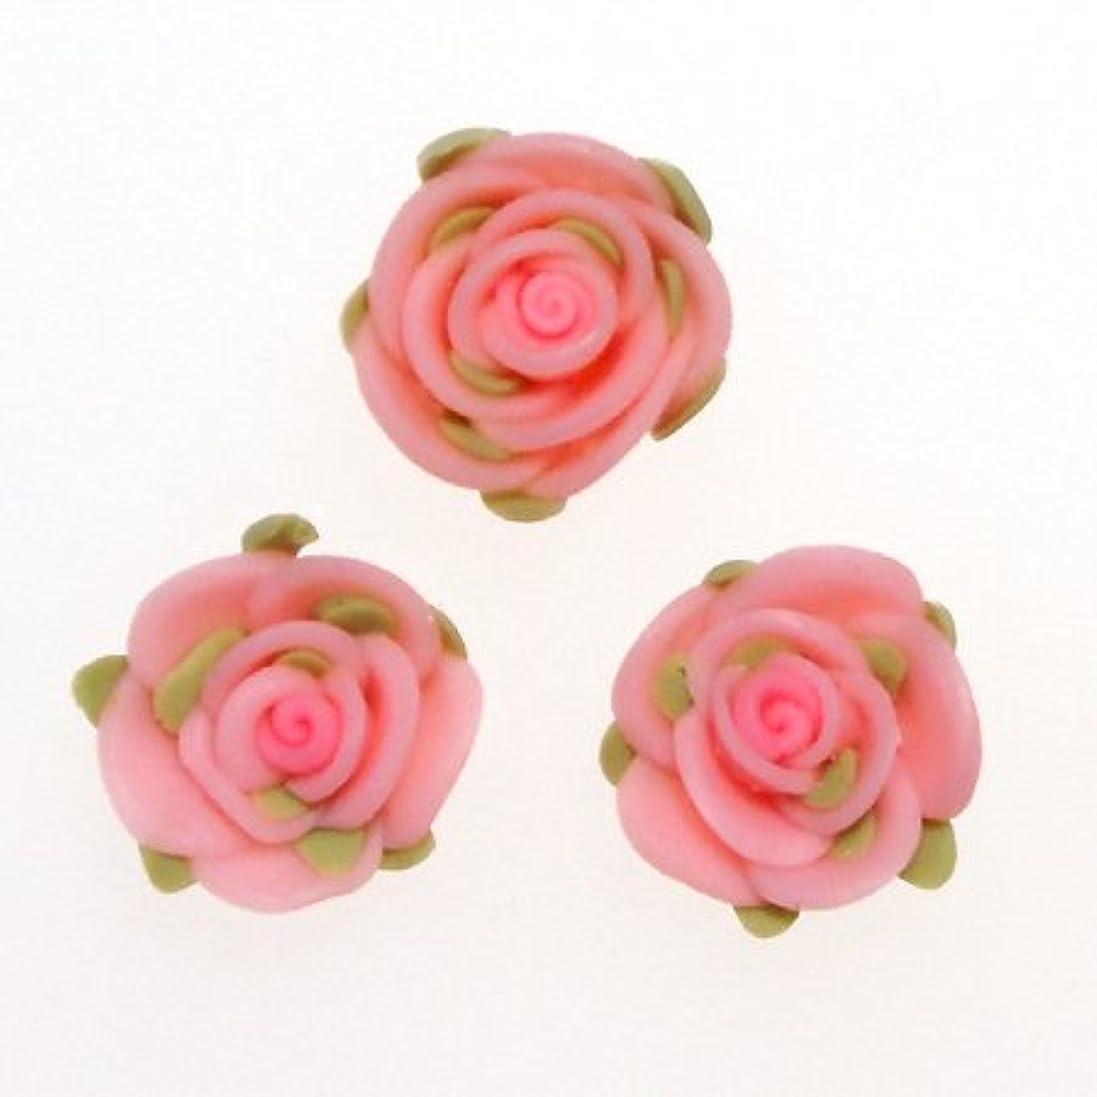 守銭奴叱るライドデコパーツ 葉も付いてる2cm大きな樹脂薔薇[d-r3] レジンパーツ レジンクラフト